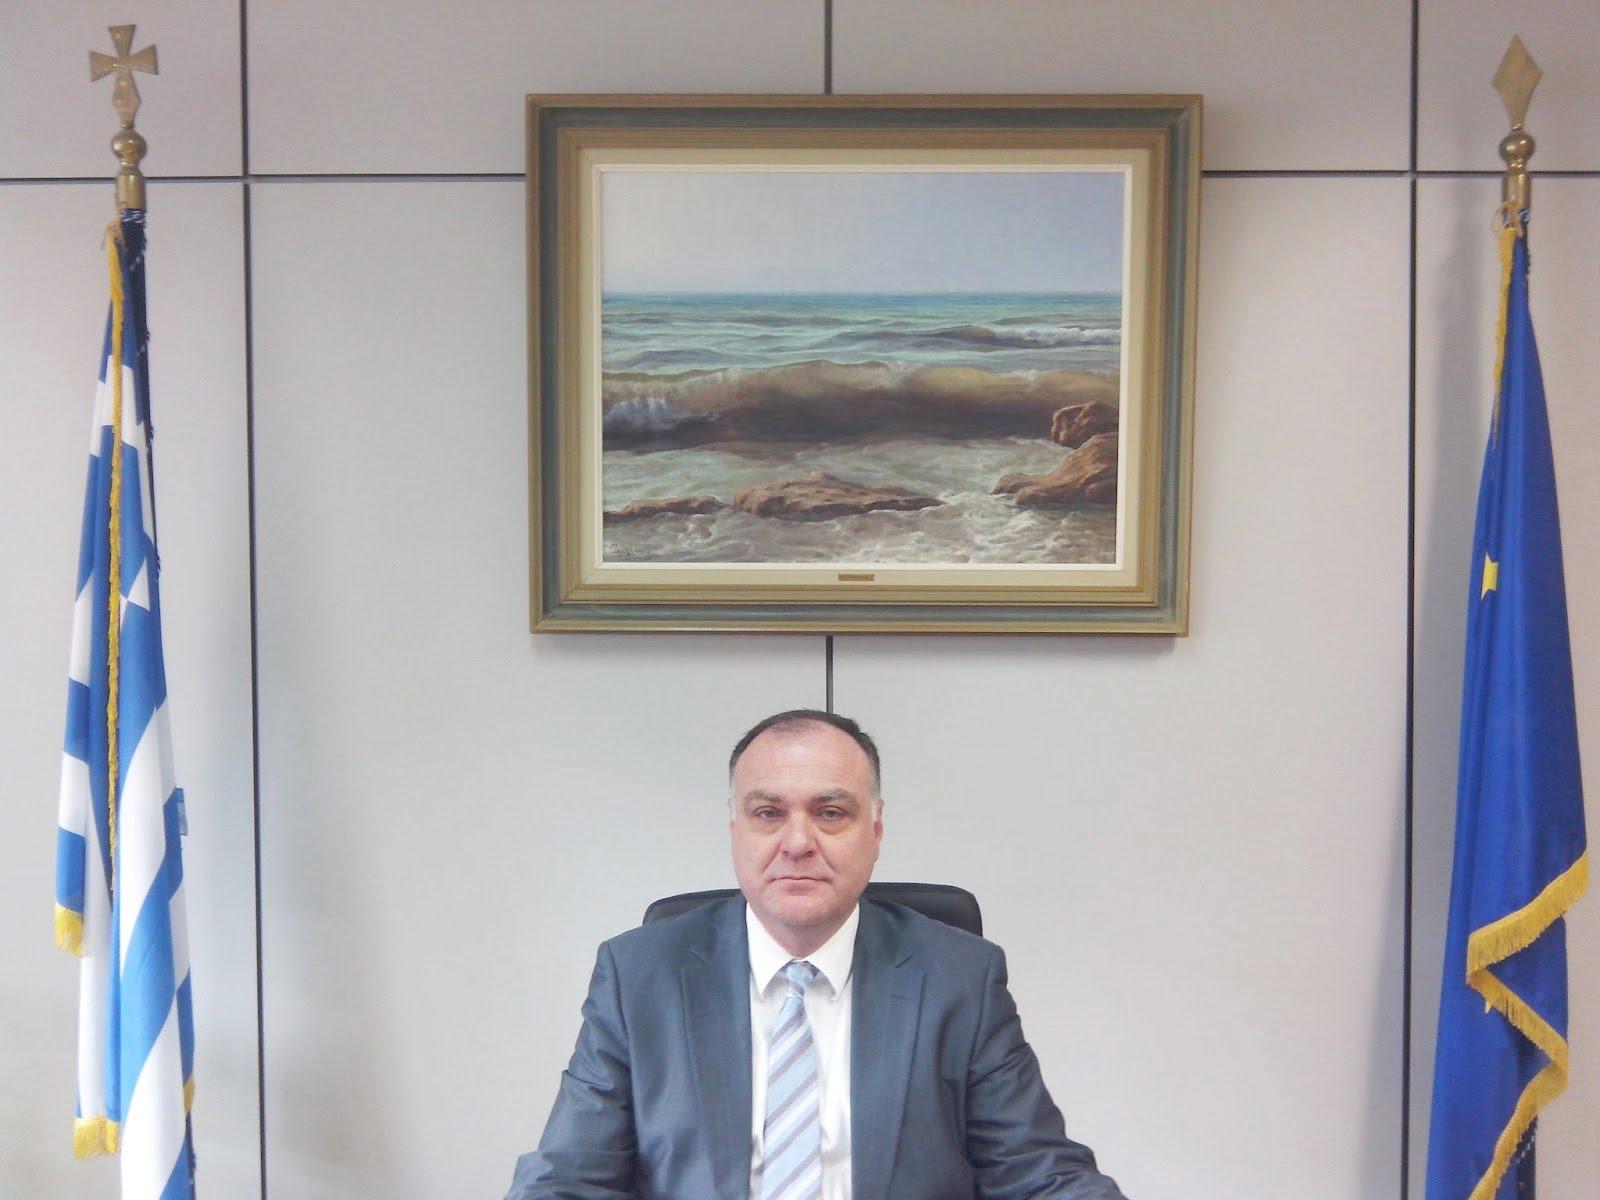 Μηνύματα Αντιπεριφερειάρχη και Δημάρχου Σάμου για την έναρξη των πανελληνίων εξετάσεων